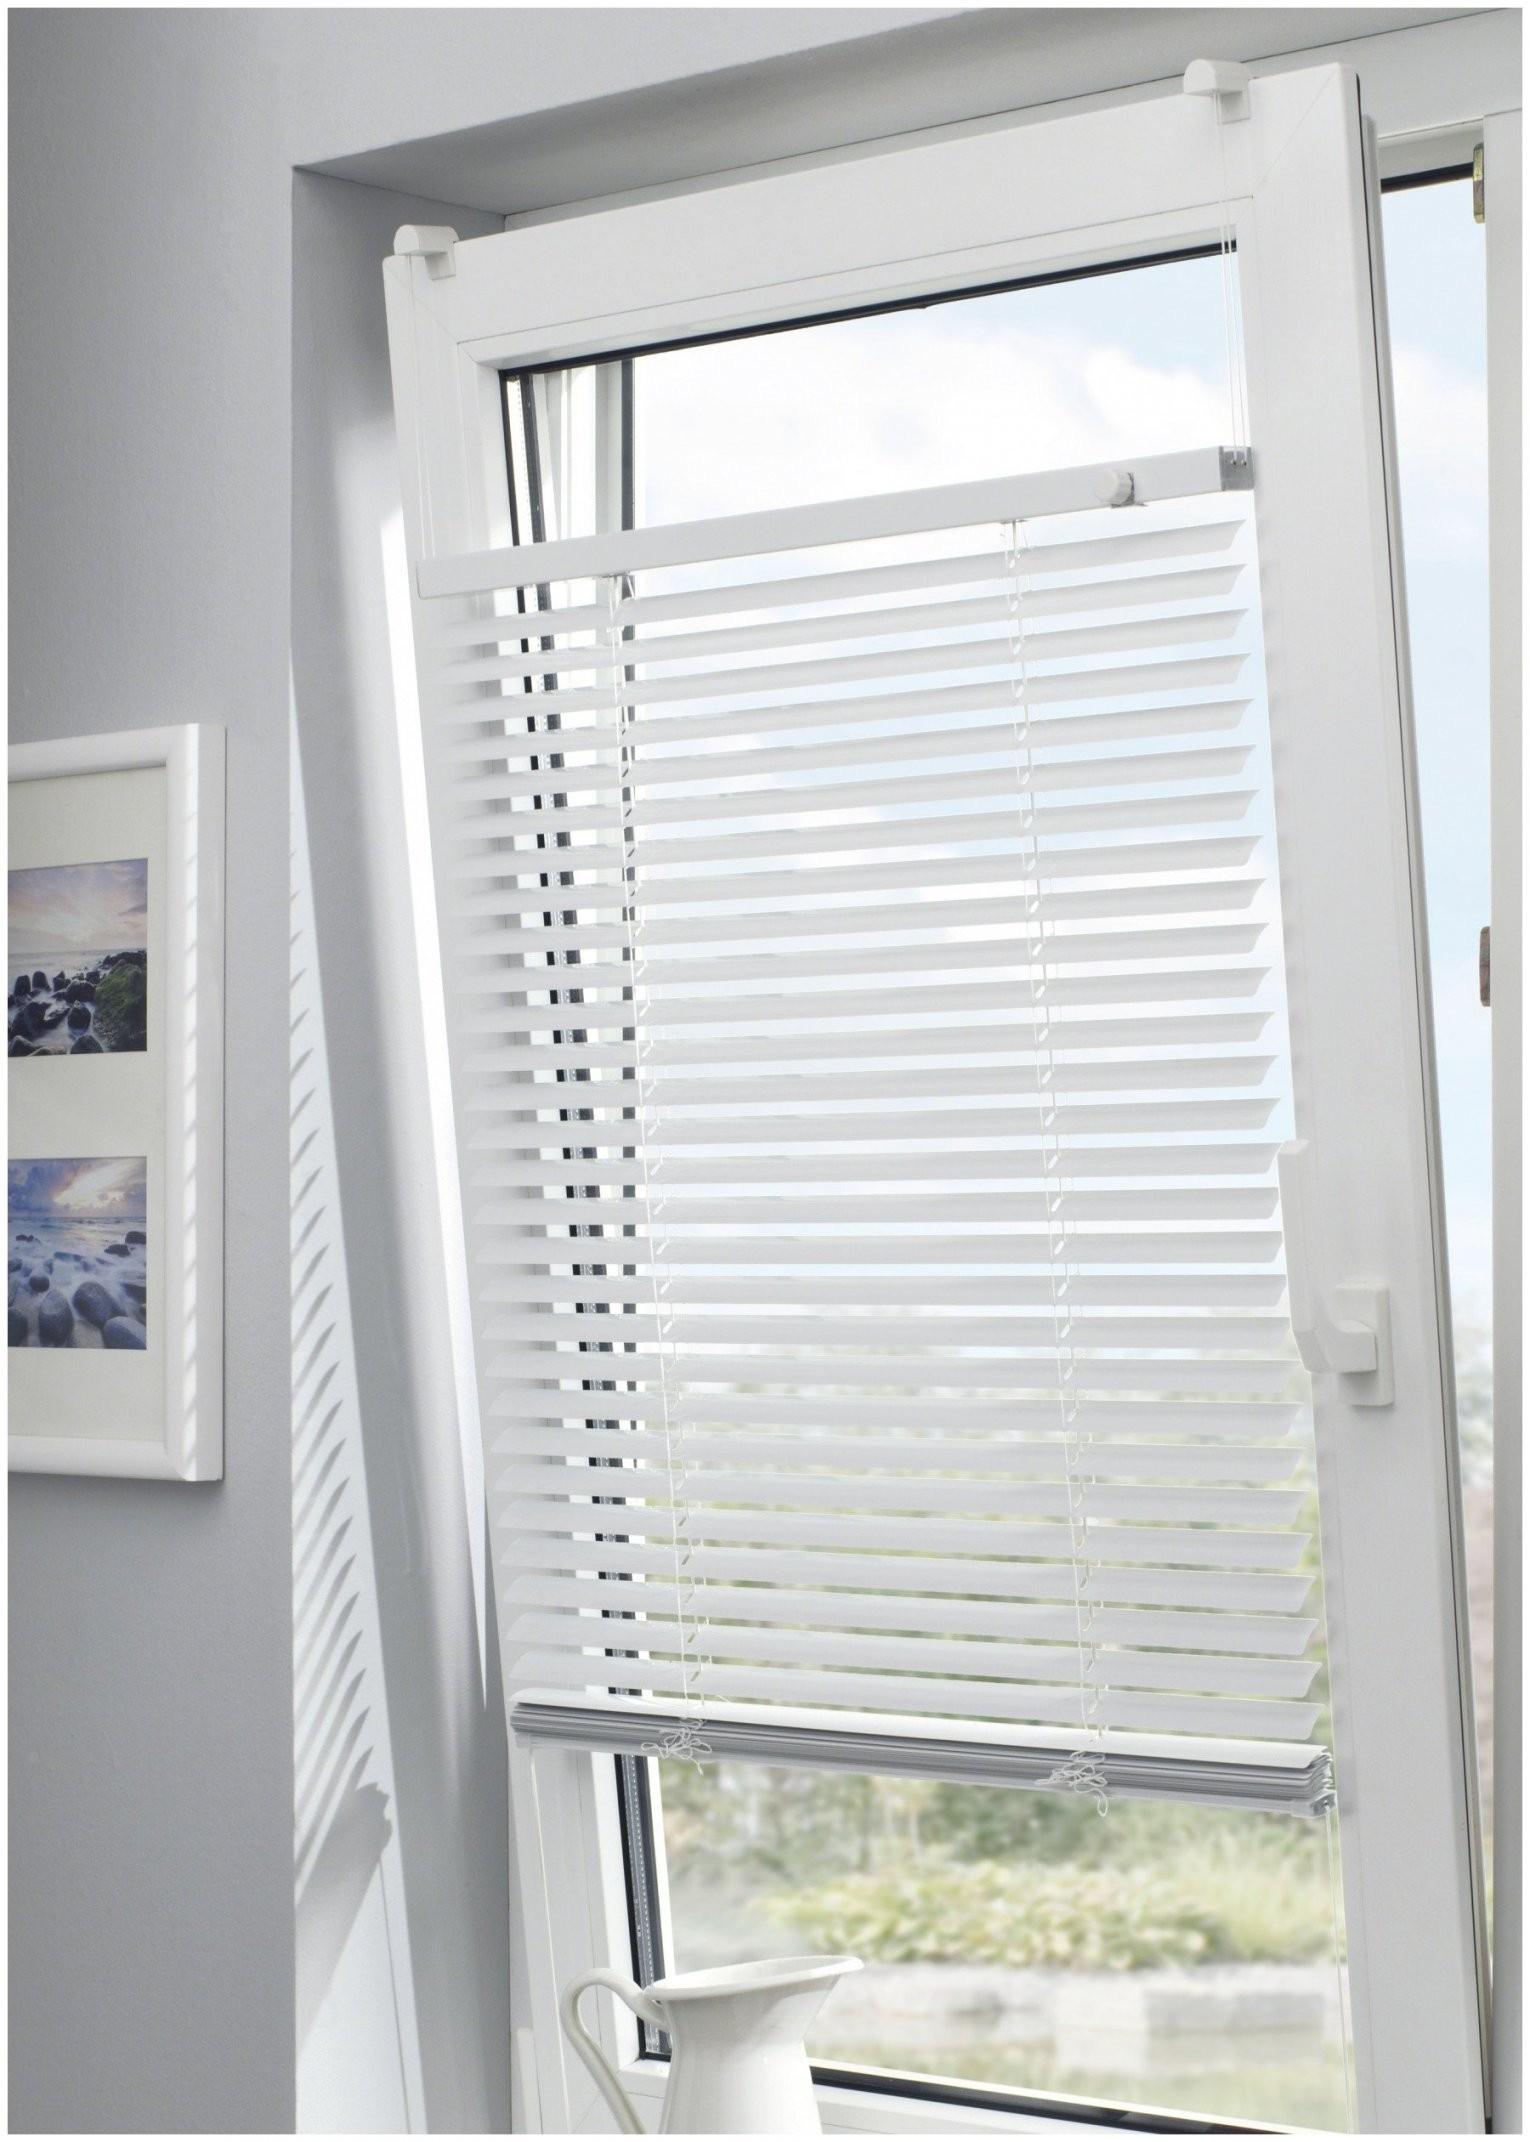 Sehr Fenster Rollos Für Innen | Haus Bauen XI43